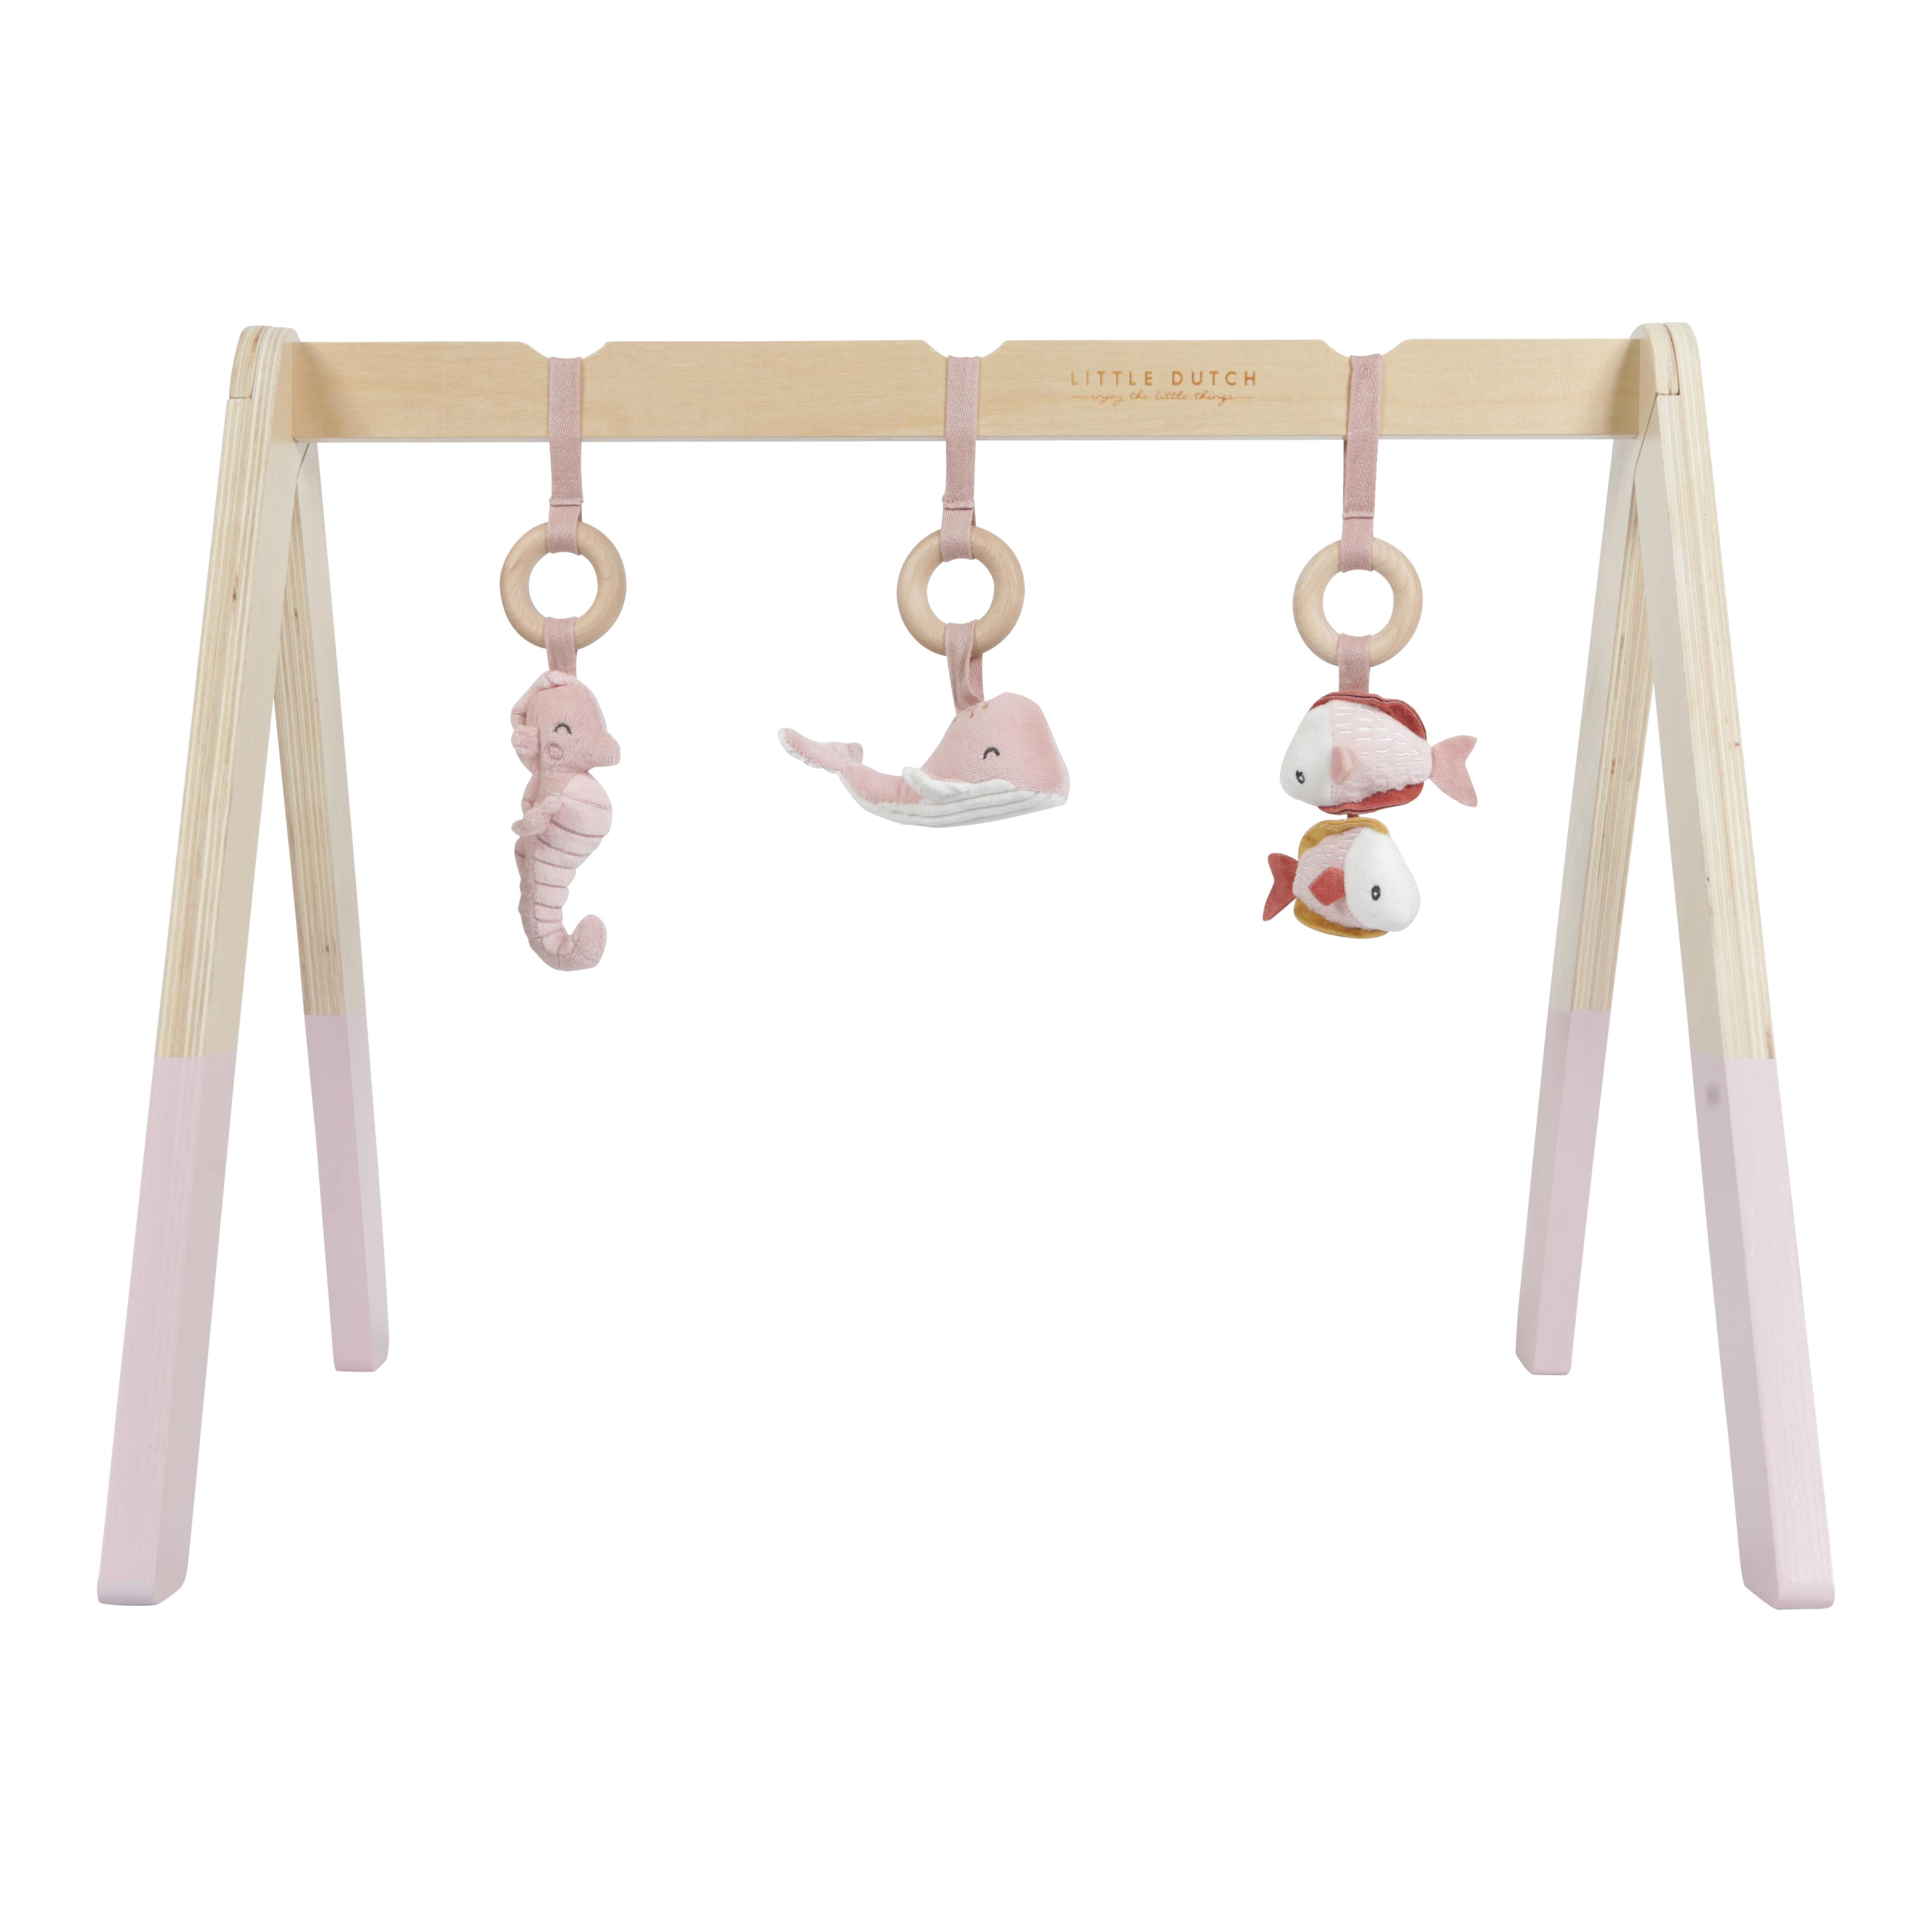 Little Dutch - Baby gym Ocean, Pink (LDT4833)